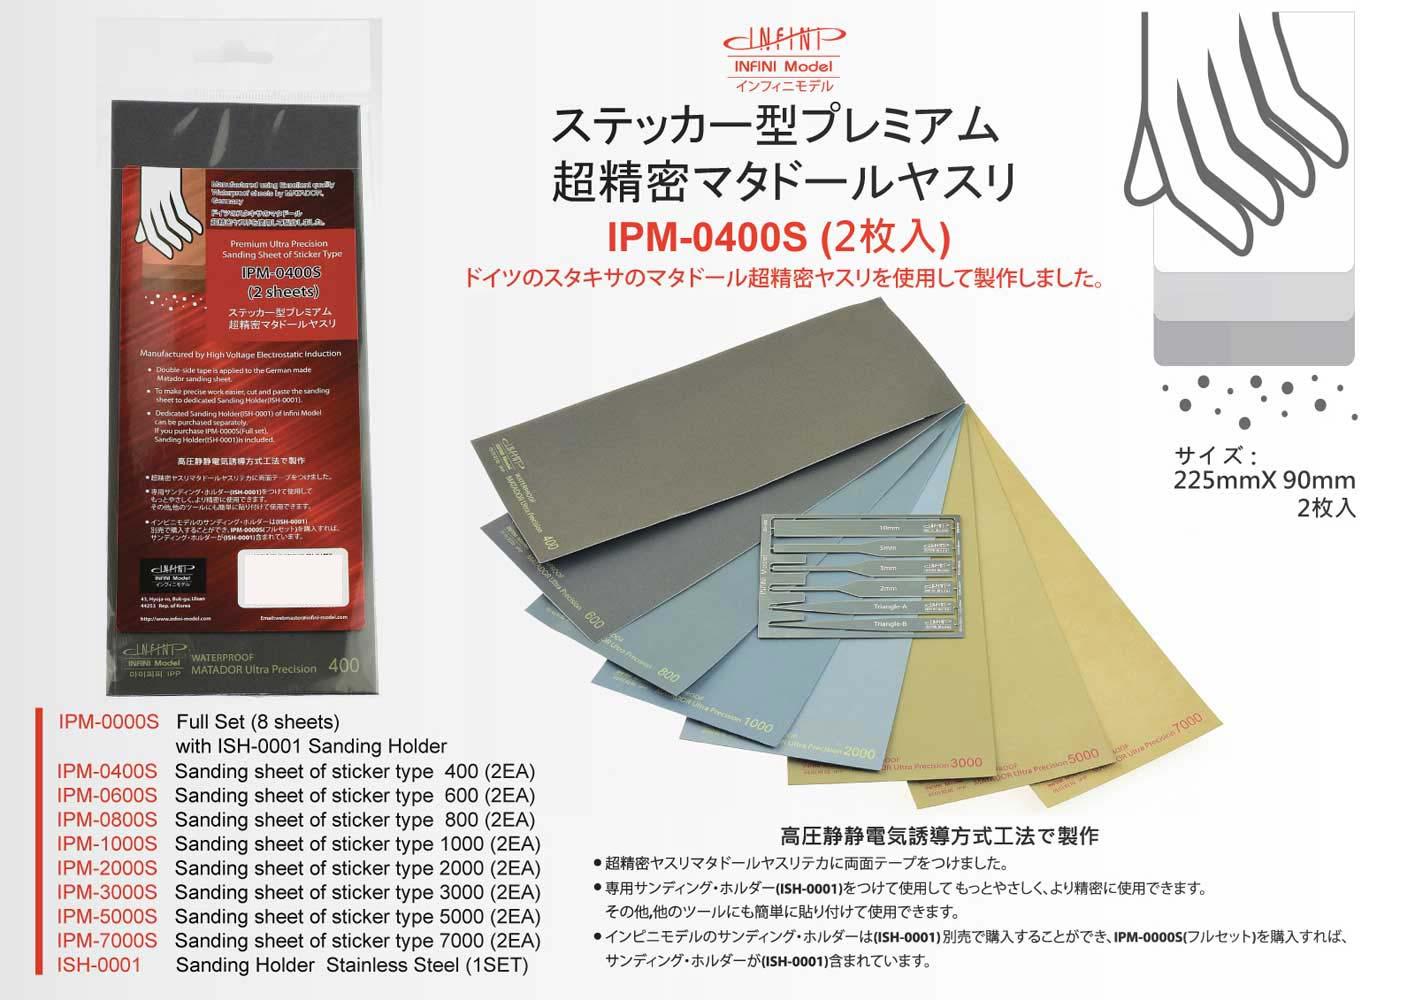 【インフィニモデル製 輸入品】 本体価格:500円 JANコード:4986470065663